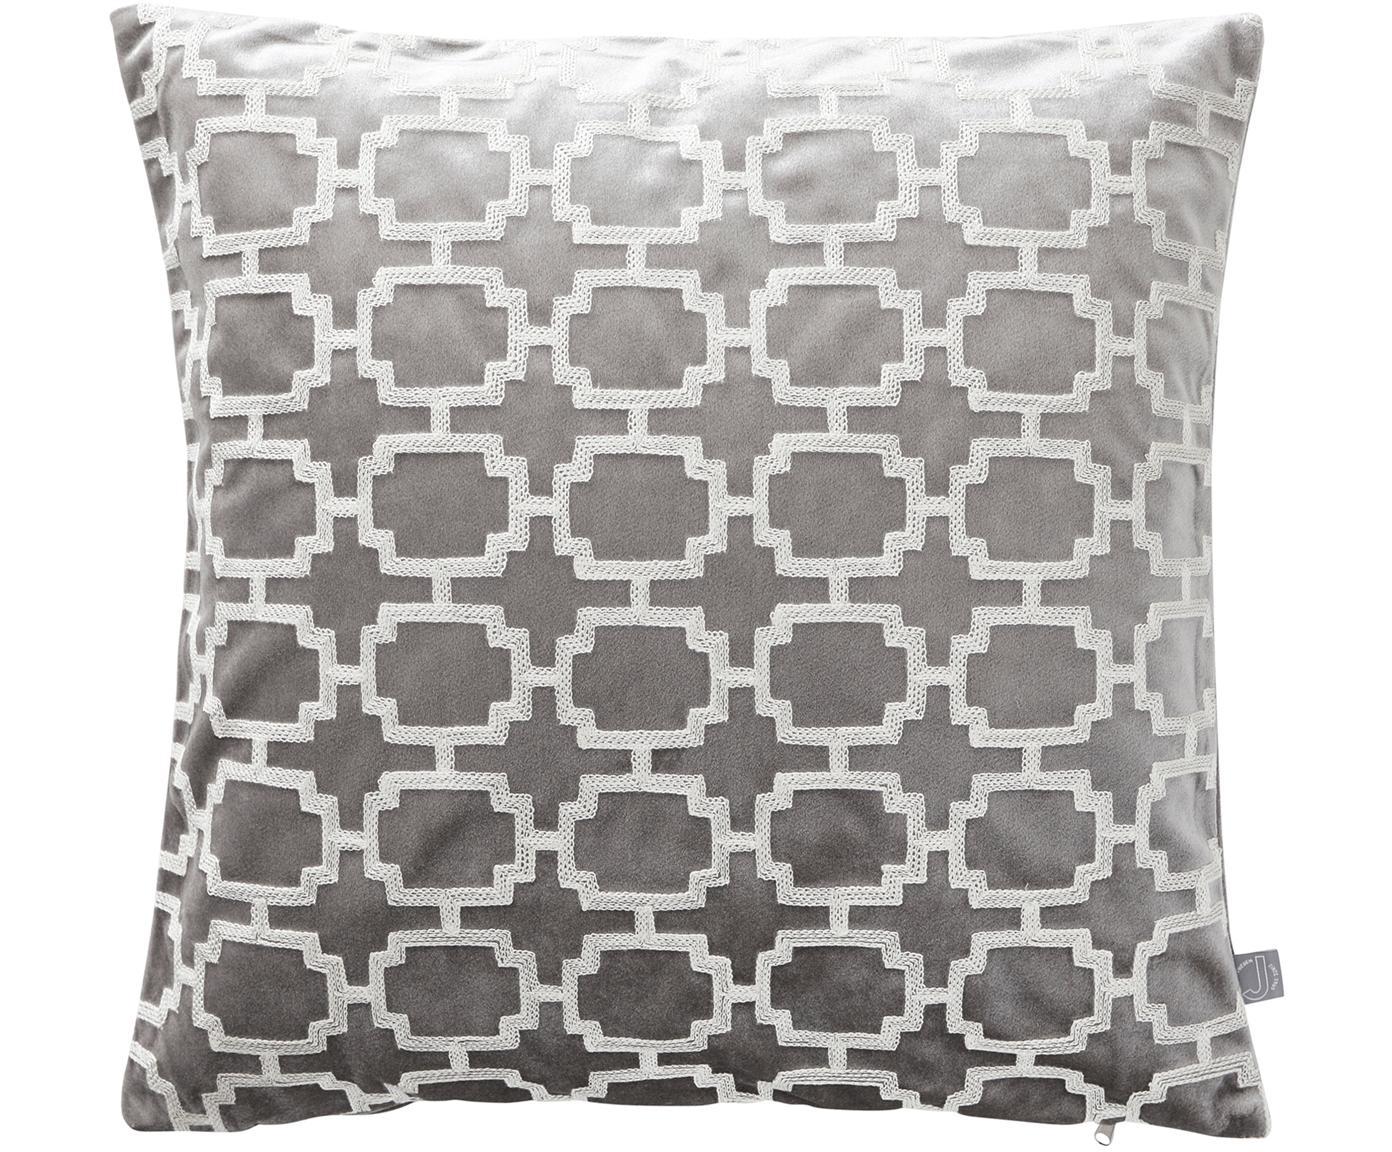 Bestickte Samt-Kissenhülle Simone, 100% Polyestersamt, Grau, gebrochenes Weiß, 45 x 45 cm